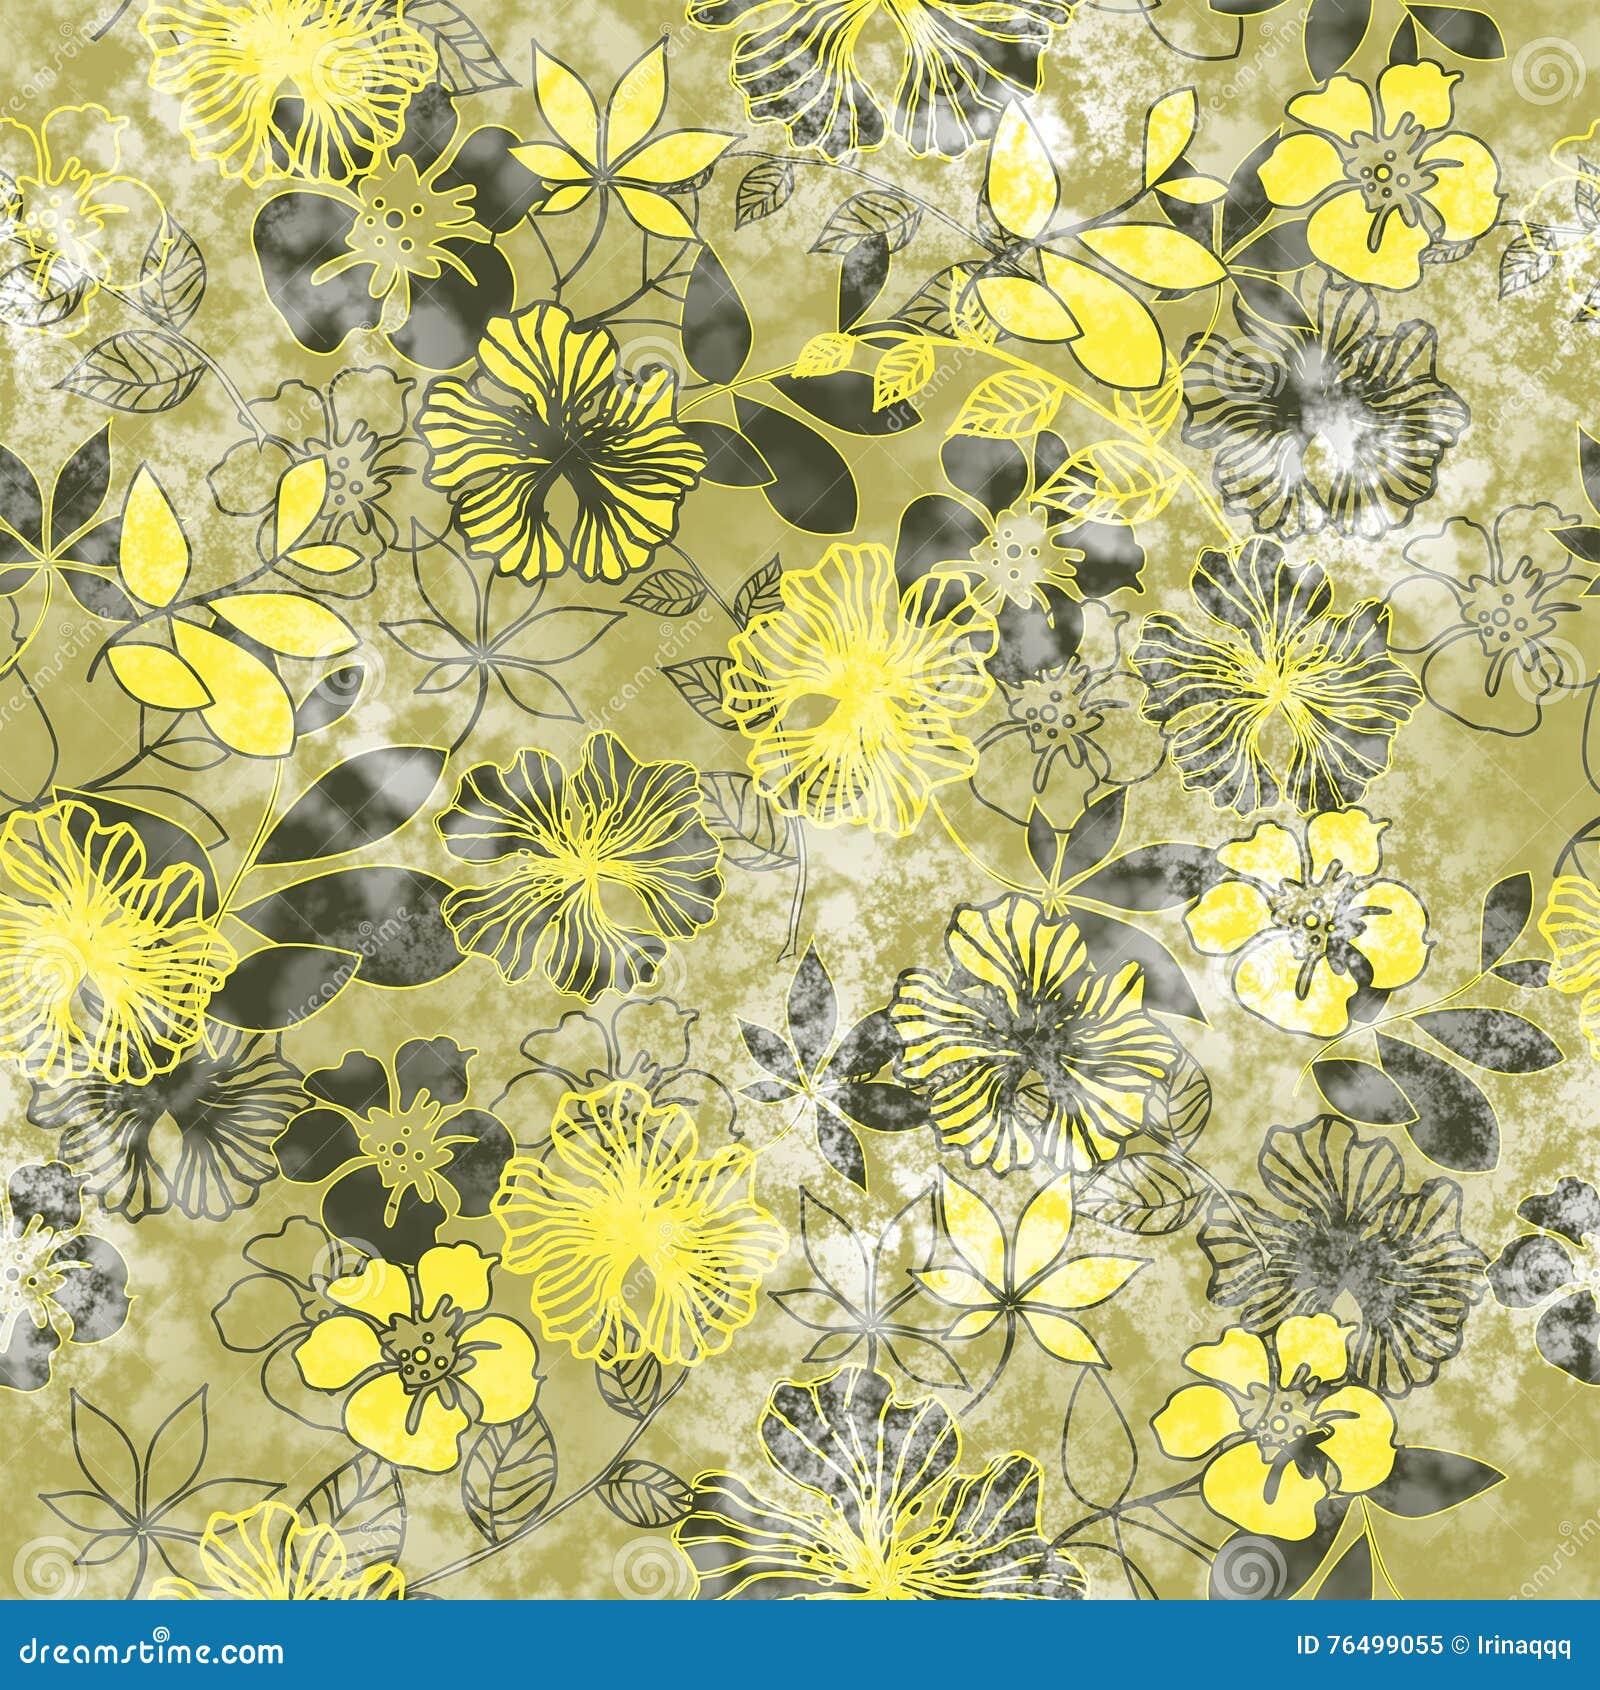 Kunstweinlese stilisierte Blumen farbiges nahtloses Muster, Schmutzba